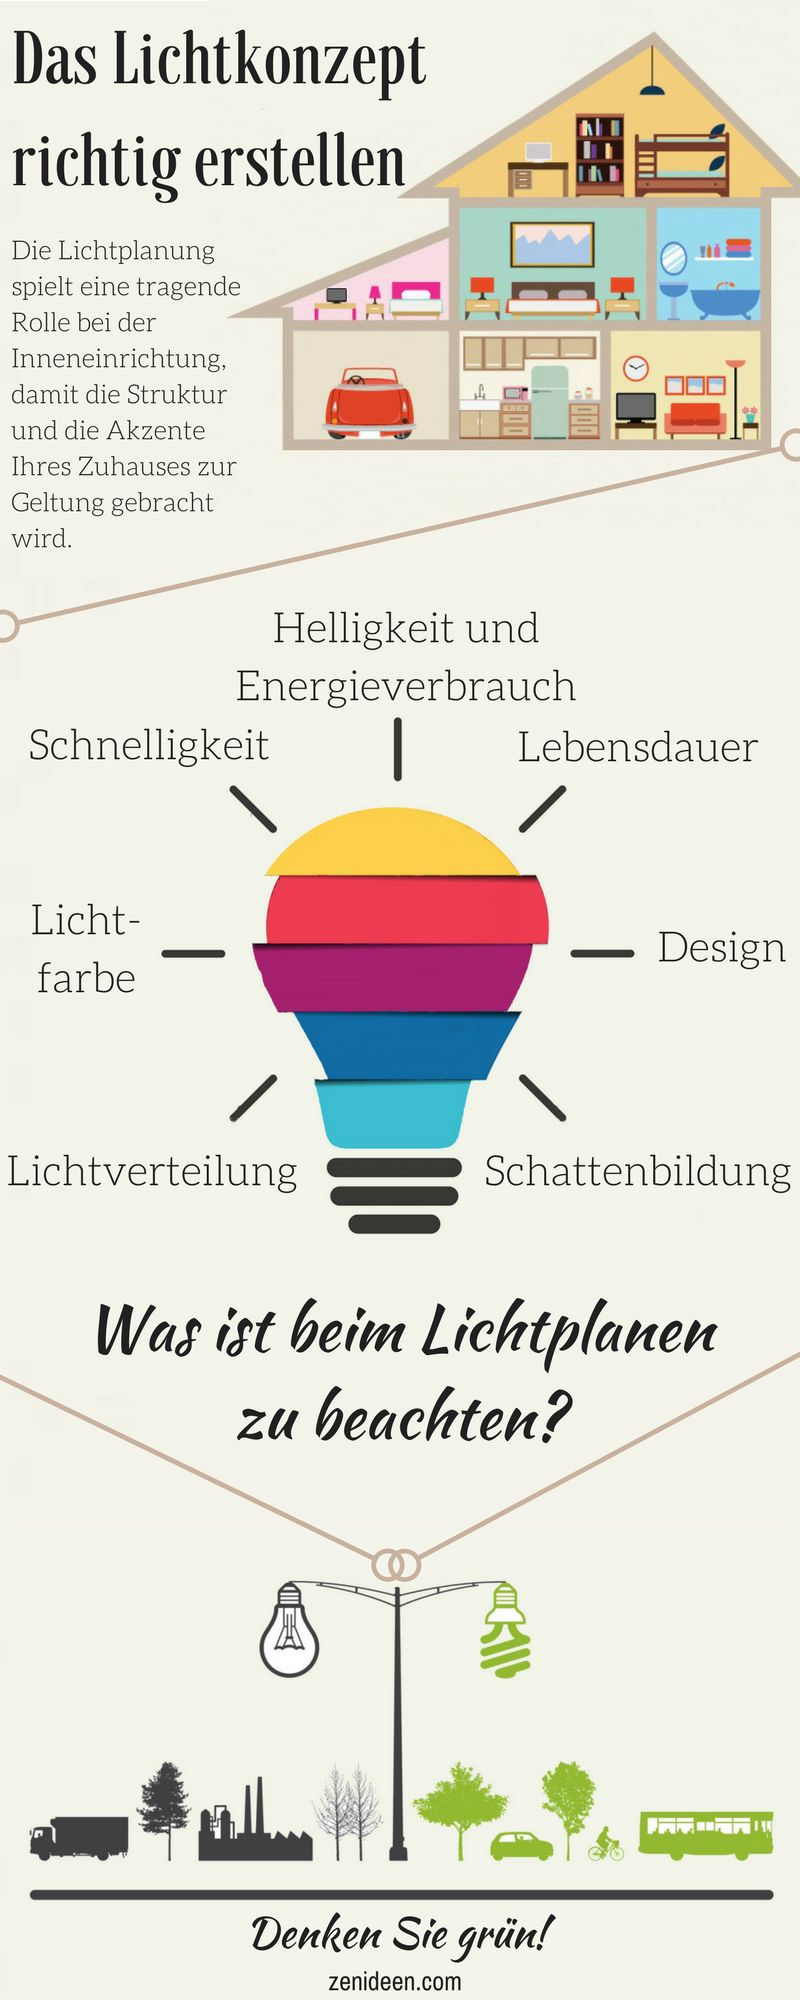 Das Lichtkonzept richtig erstellen - Was sollten wir für innere Beleuchtung wissen?